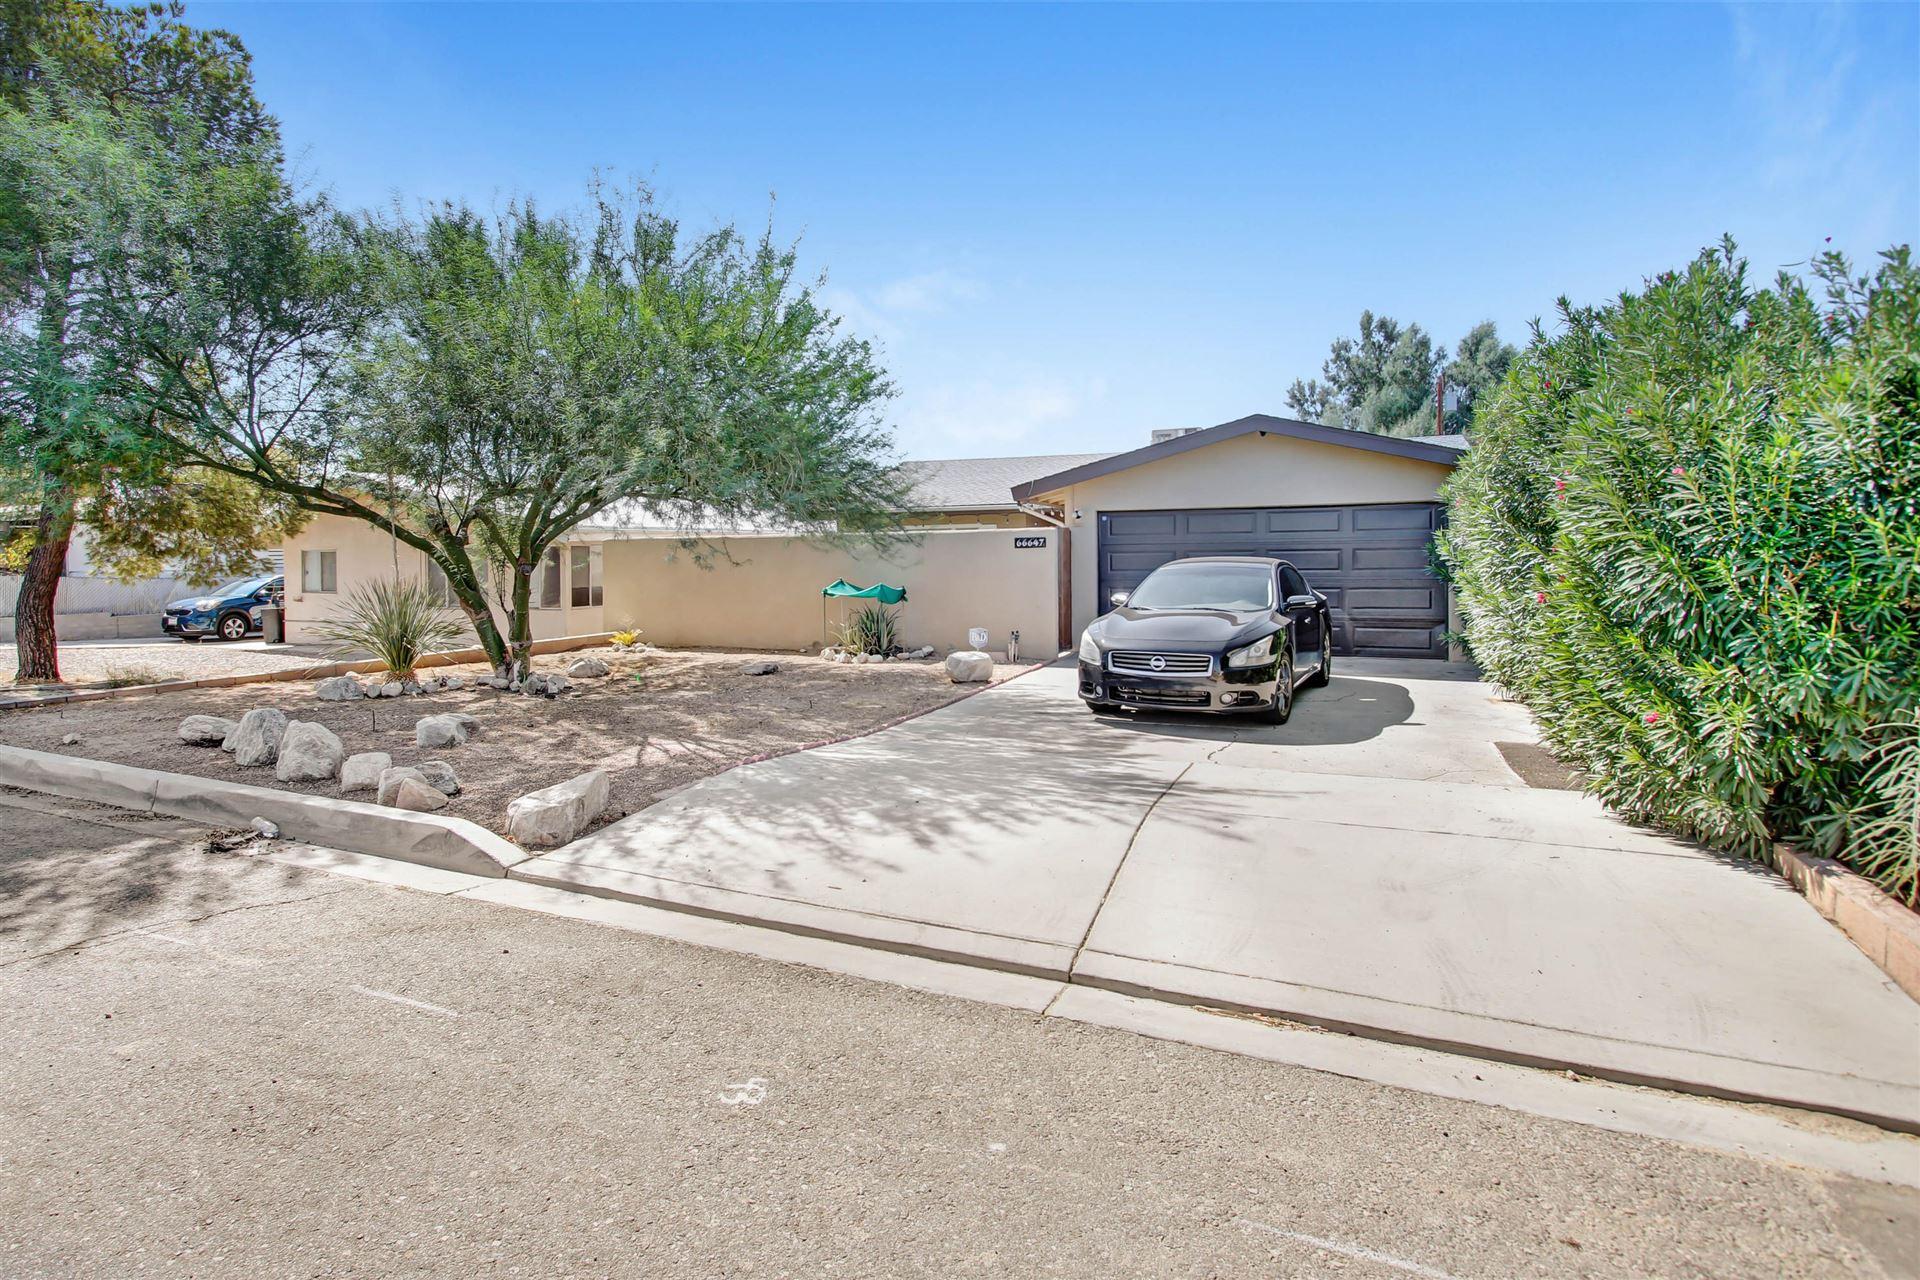 66647 Cahuilla Avenue, Desert Hot Springs, CA 92240 - MLS#: 219048628